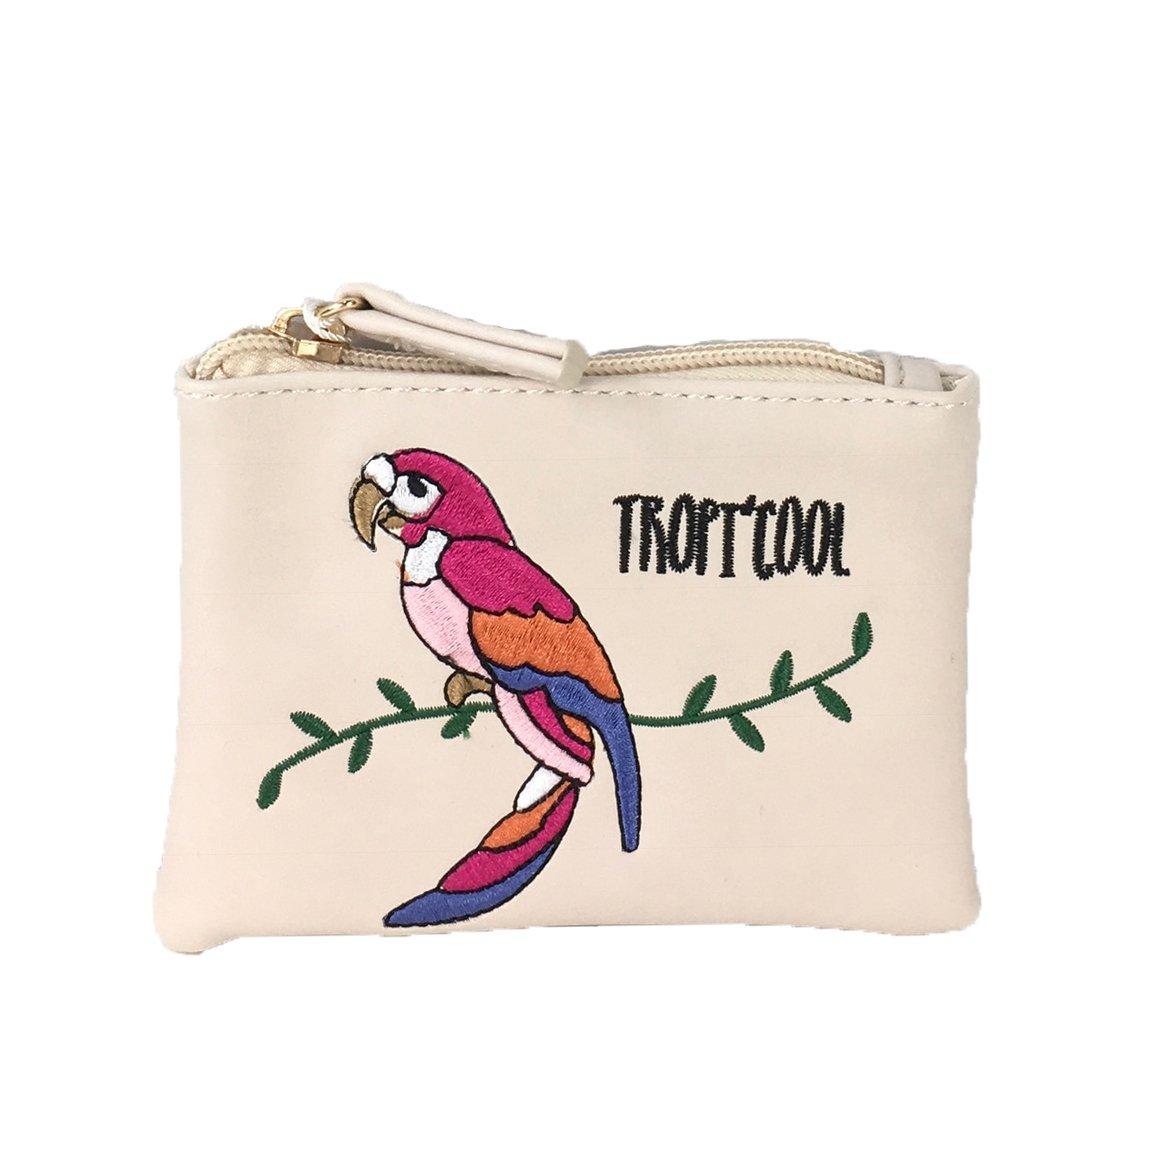 Amazon.com: New Look Tropi cool Parrot – Monedero, Color ...